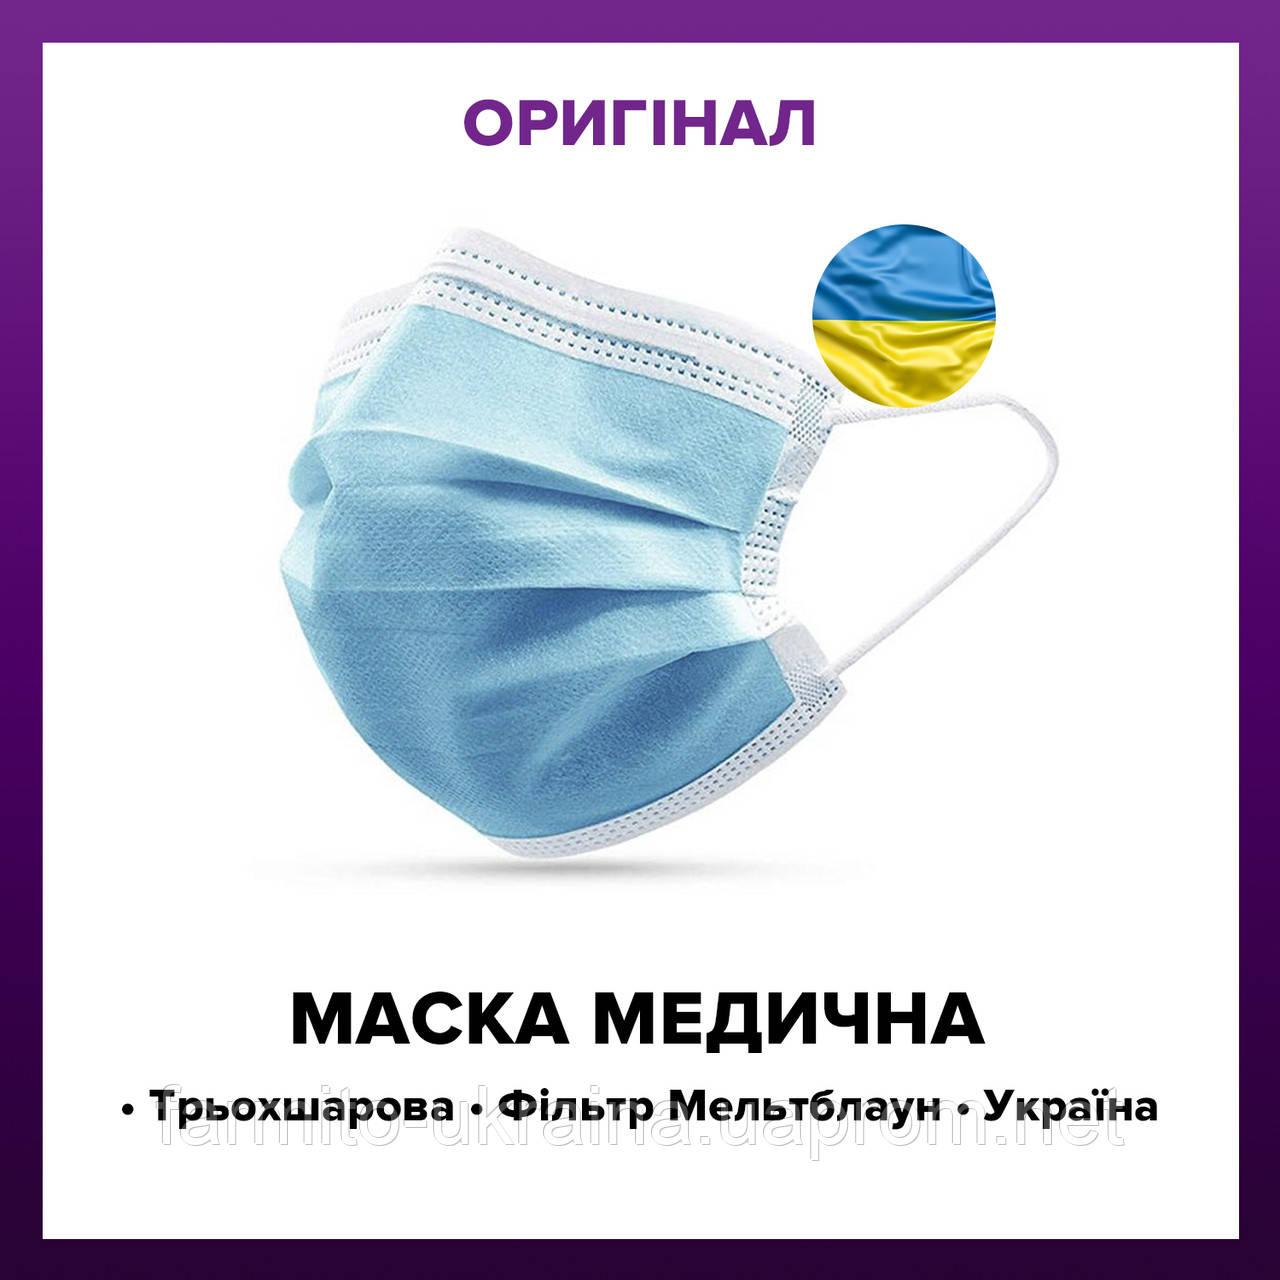 Маски медицинские с мельтблауном, трехслойные, заводские, оптом и в розницу